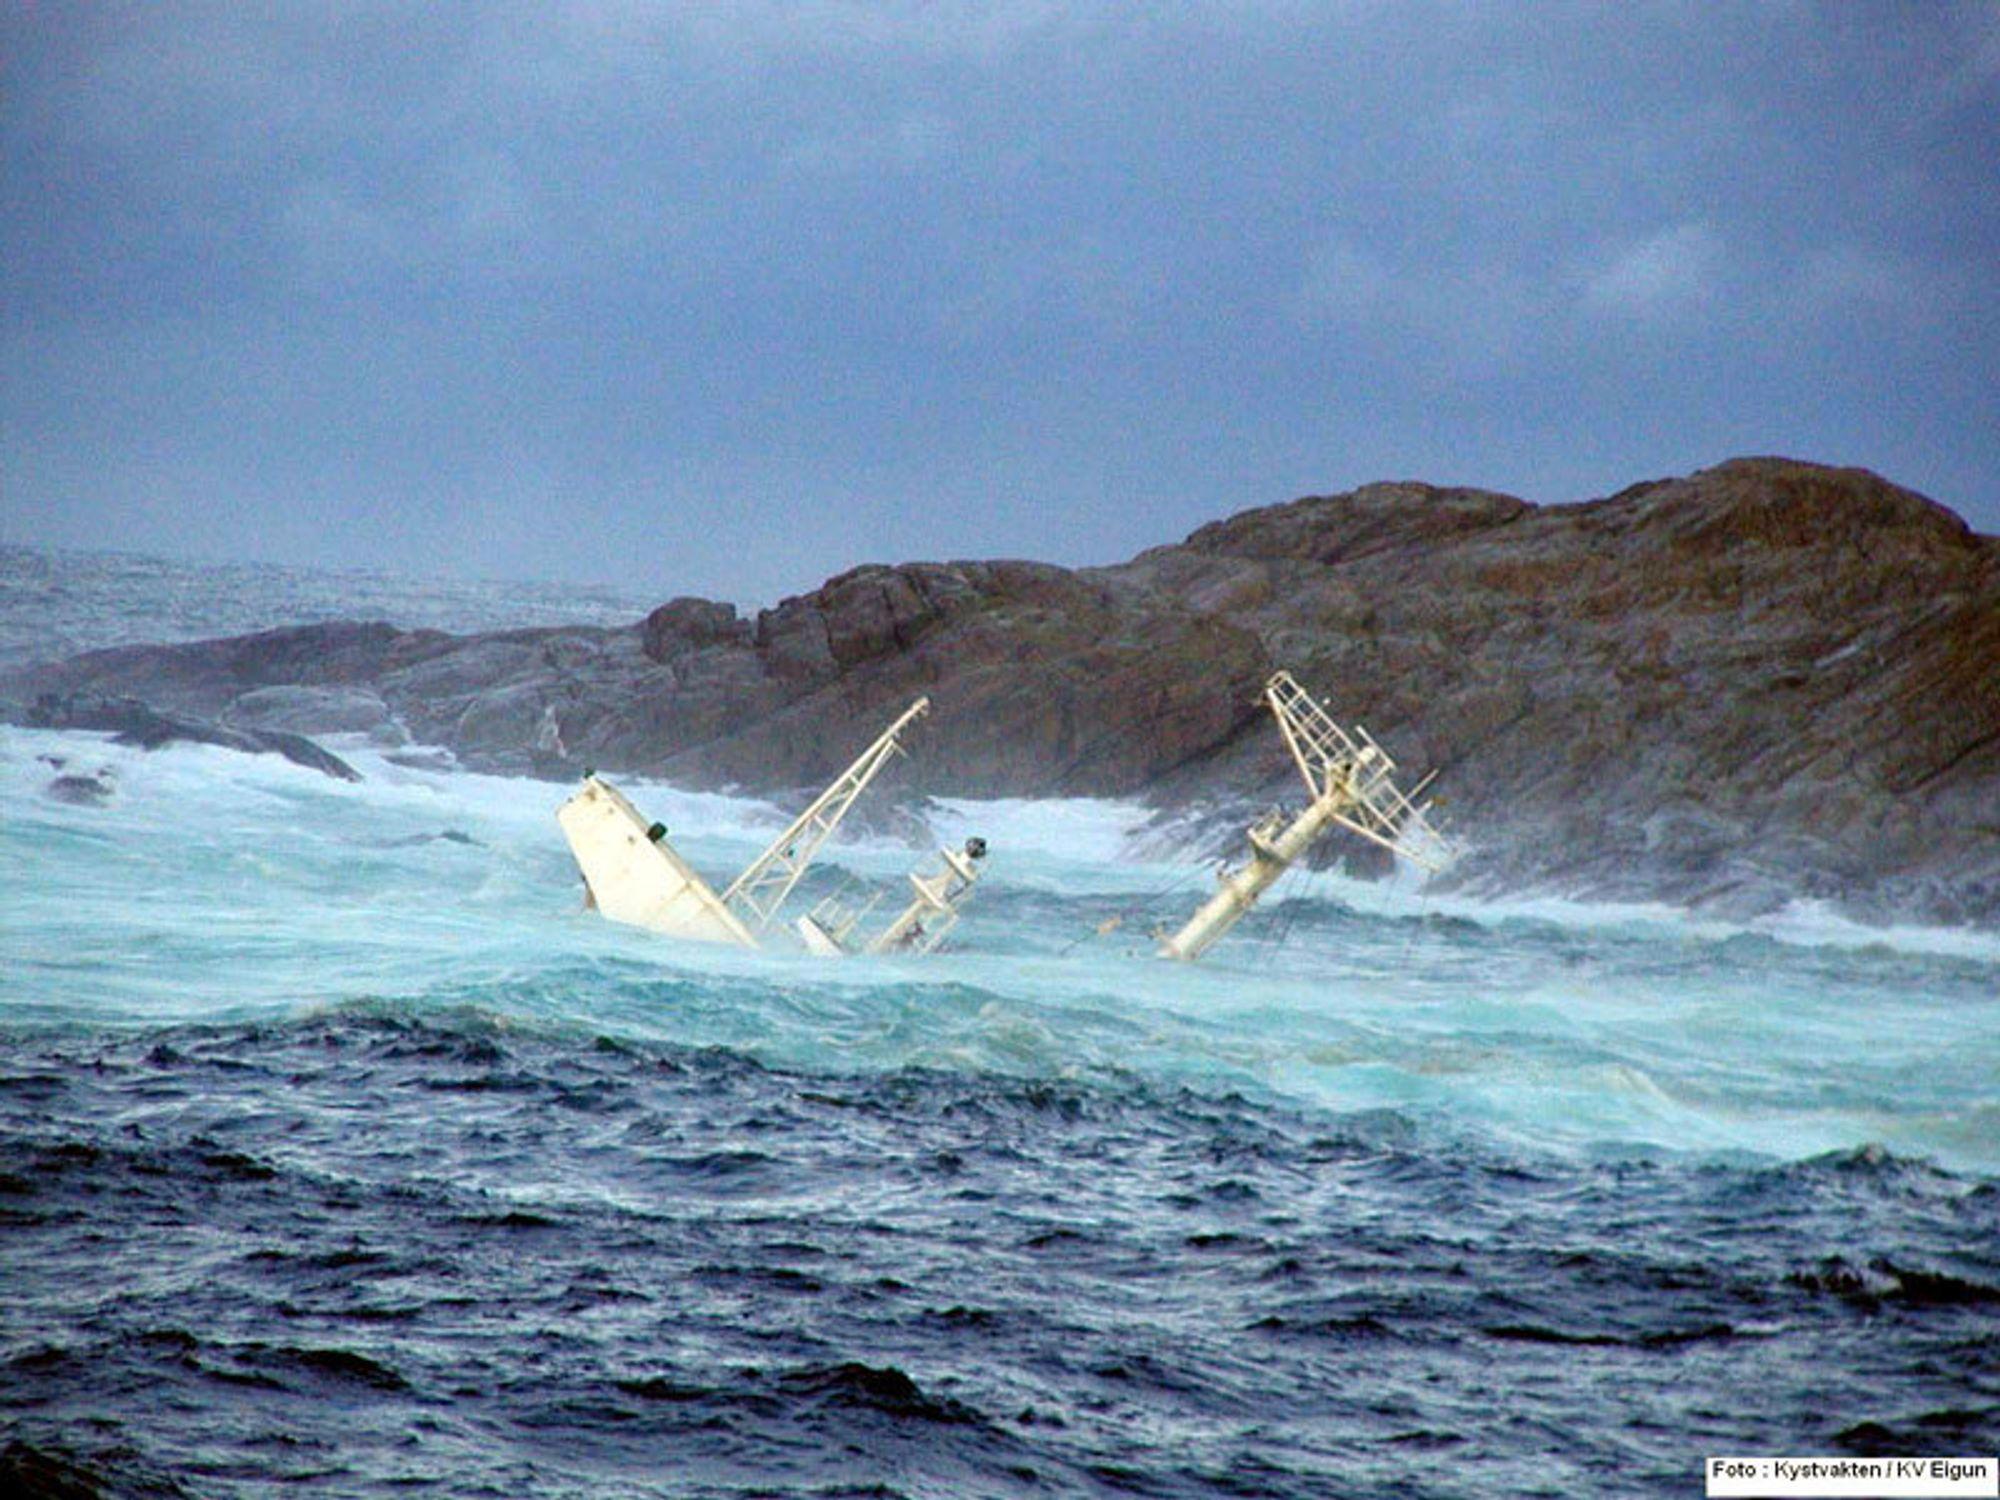 SYNKENDE: Akterskipet av Server stikker opp fra vannet ved Hellesøy fyr, rett sør for Fedje i Hordaland.